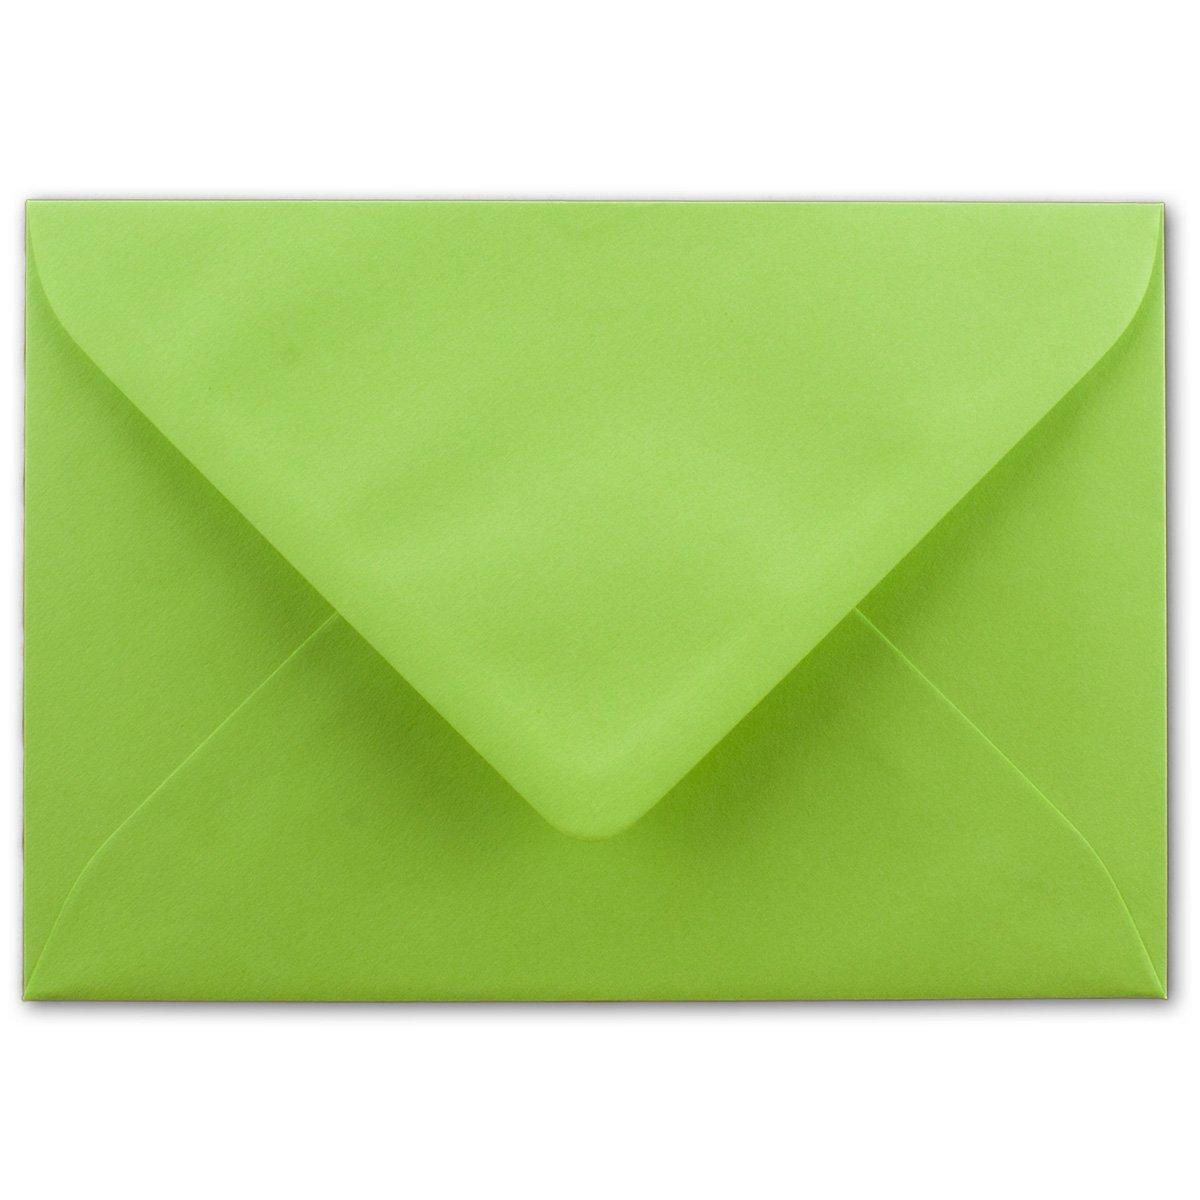 200x Brief-Umschläge in Dunkel-Grün - 80 g m² - KuGrüns in DIN B6 Format 125 x 175 mm - Nassklebung ohne Fenster - Qualitätsmarke FarbenFroh® B076H774Y9 | Diversified In Packaging